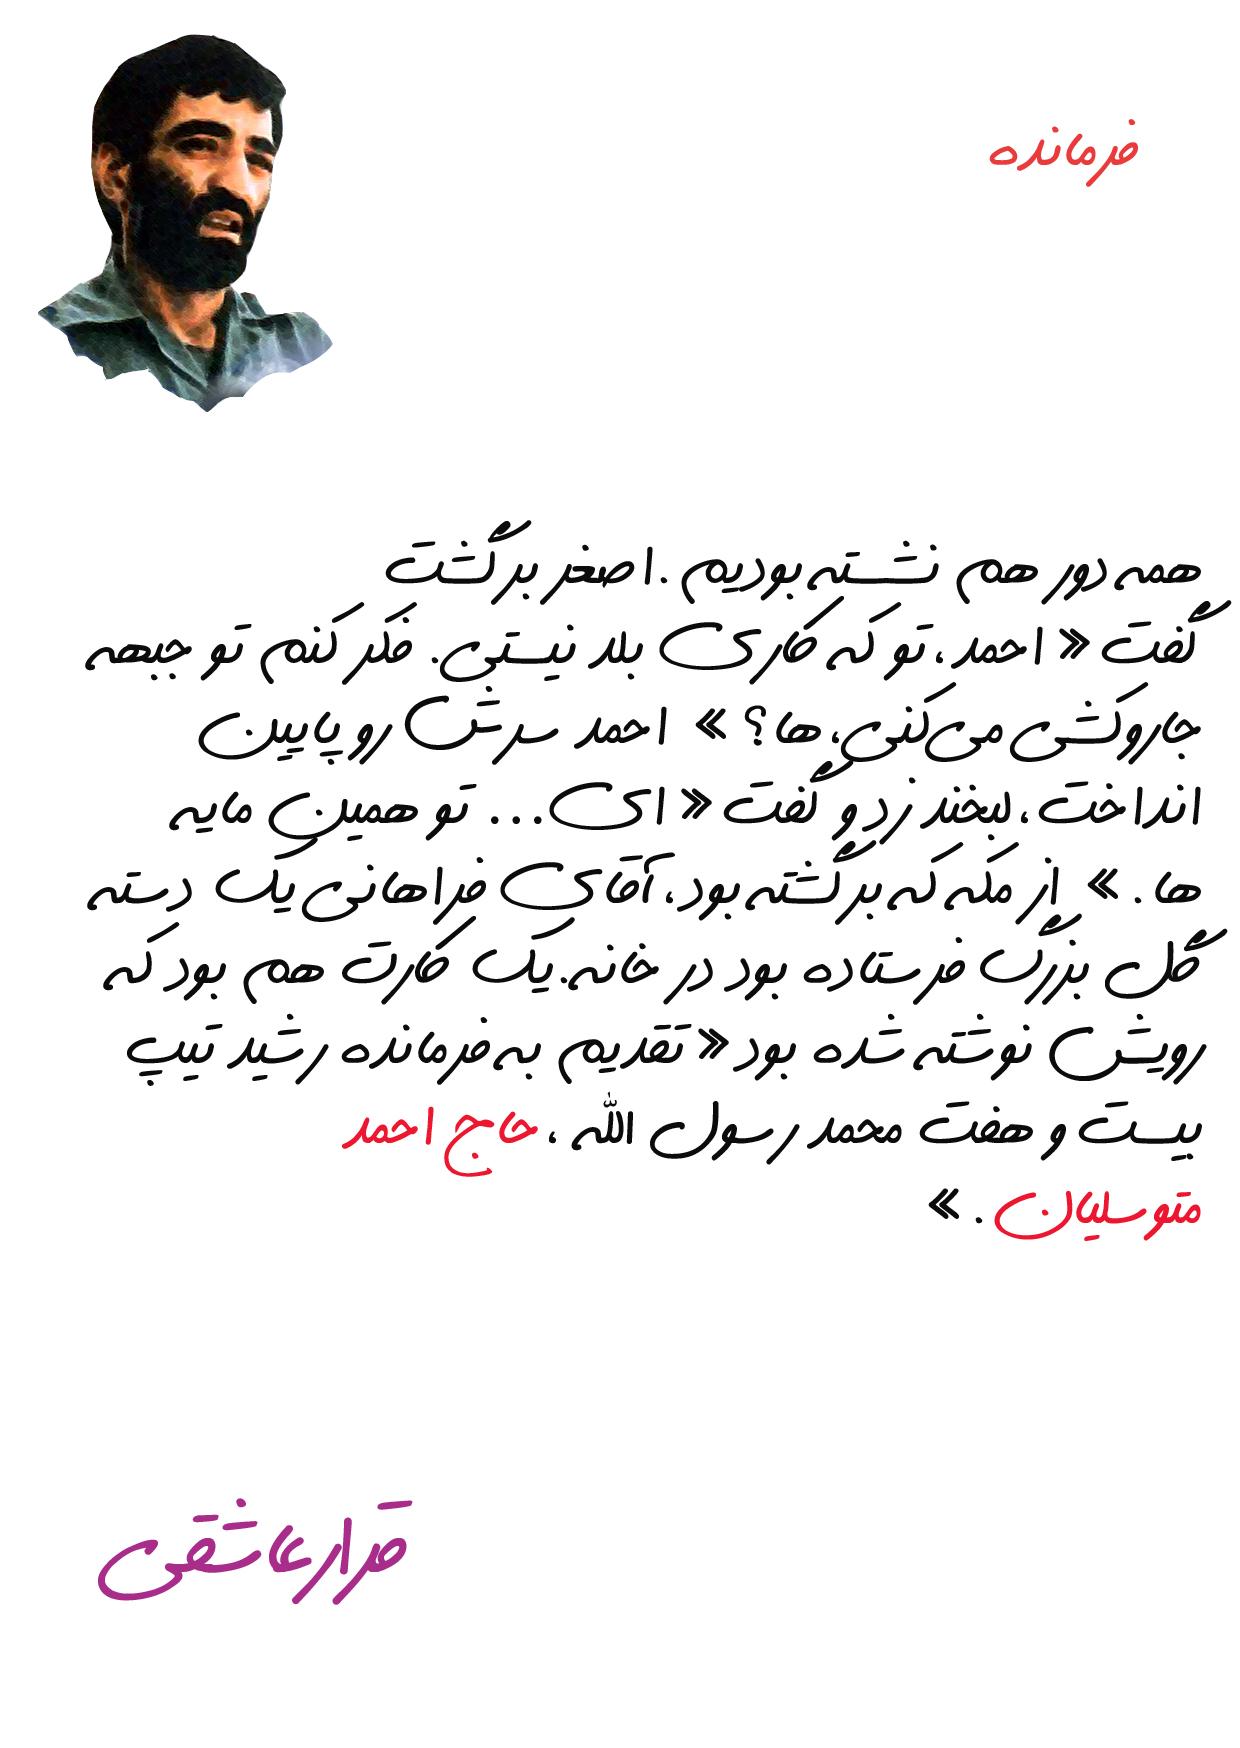 حاج احمد متوسلیان